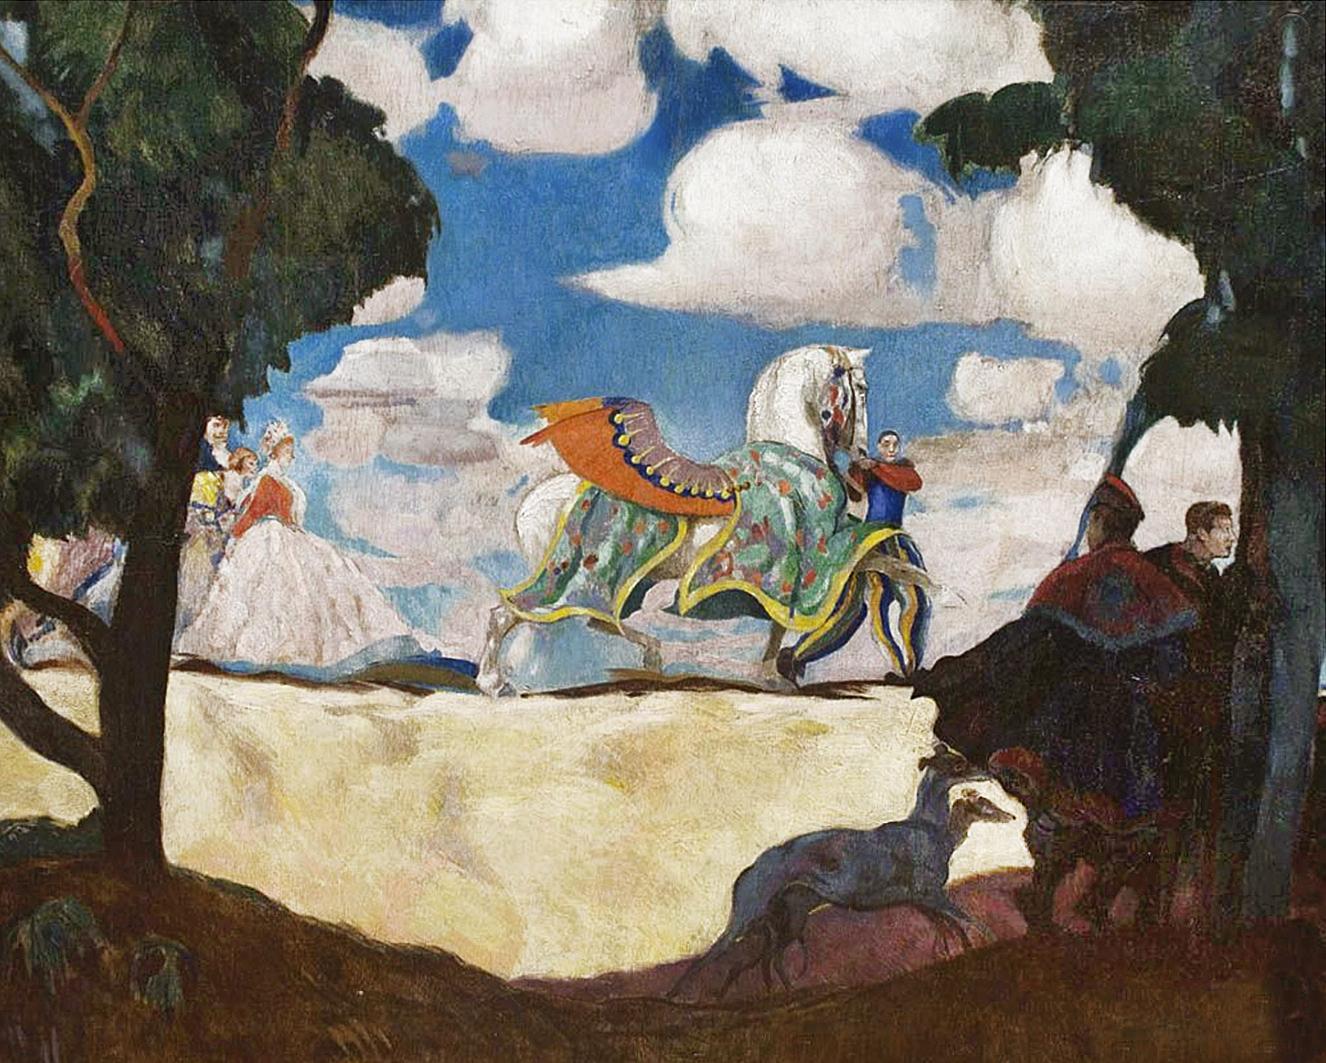 Євген Гепперт. Пегас, 1920-ті